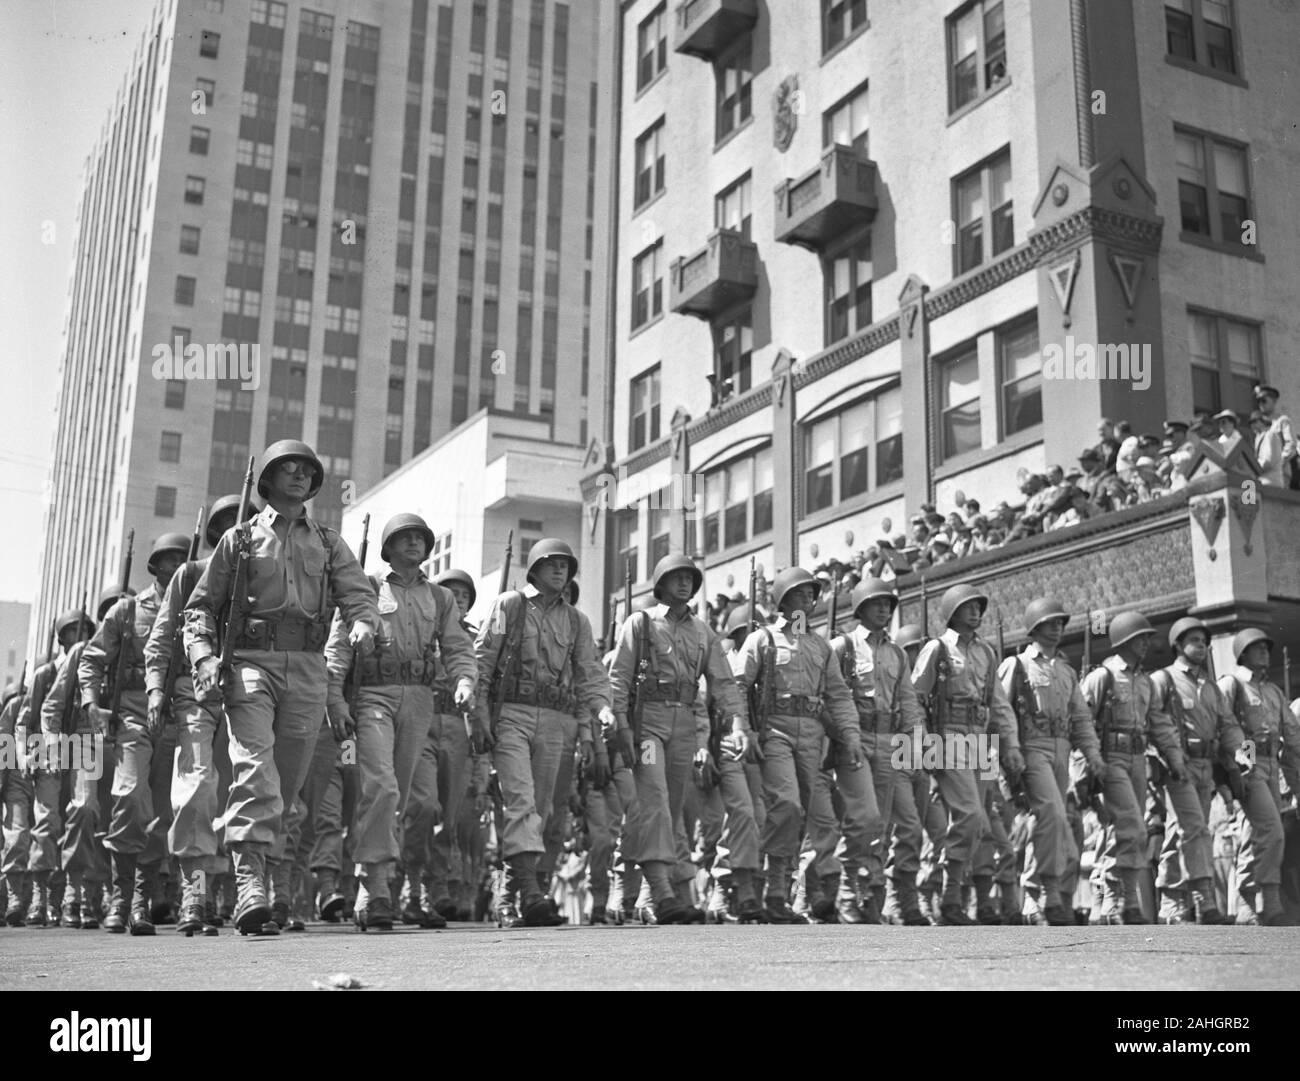 Die amerikanischen Truppen bereitet sich für den Zweiten Weltkrieg zu versenden, 1942 Miami. Der genaue Zeitpunkt ist unbekannt, aber vermutlich Ende März 1942. Stockfoto